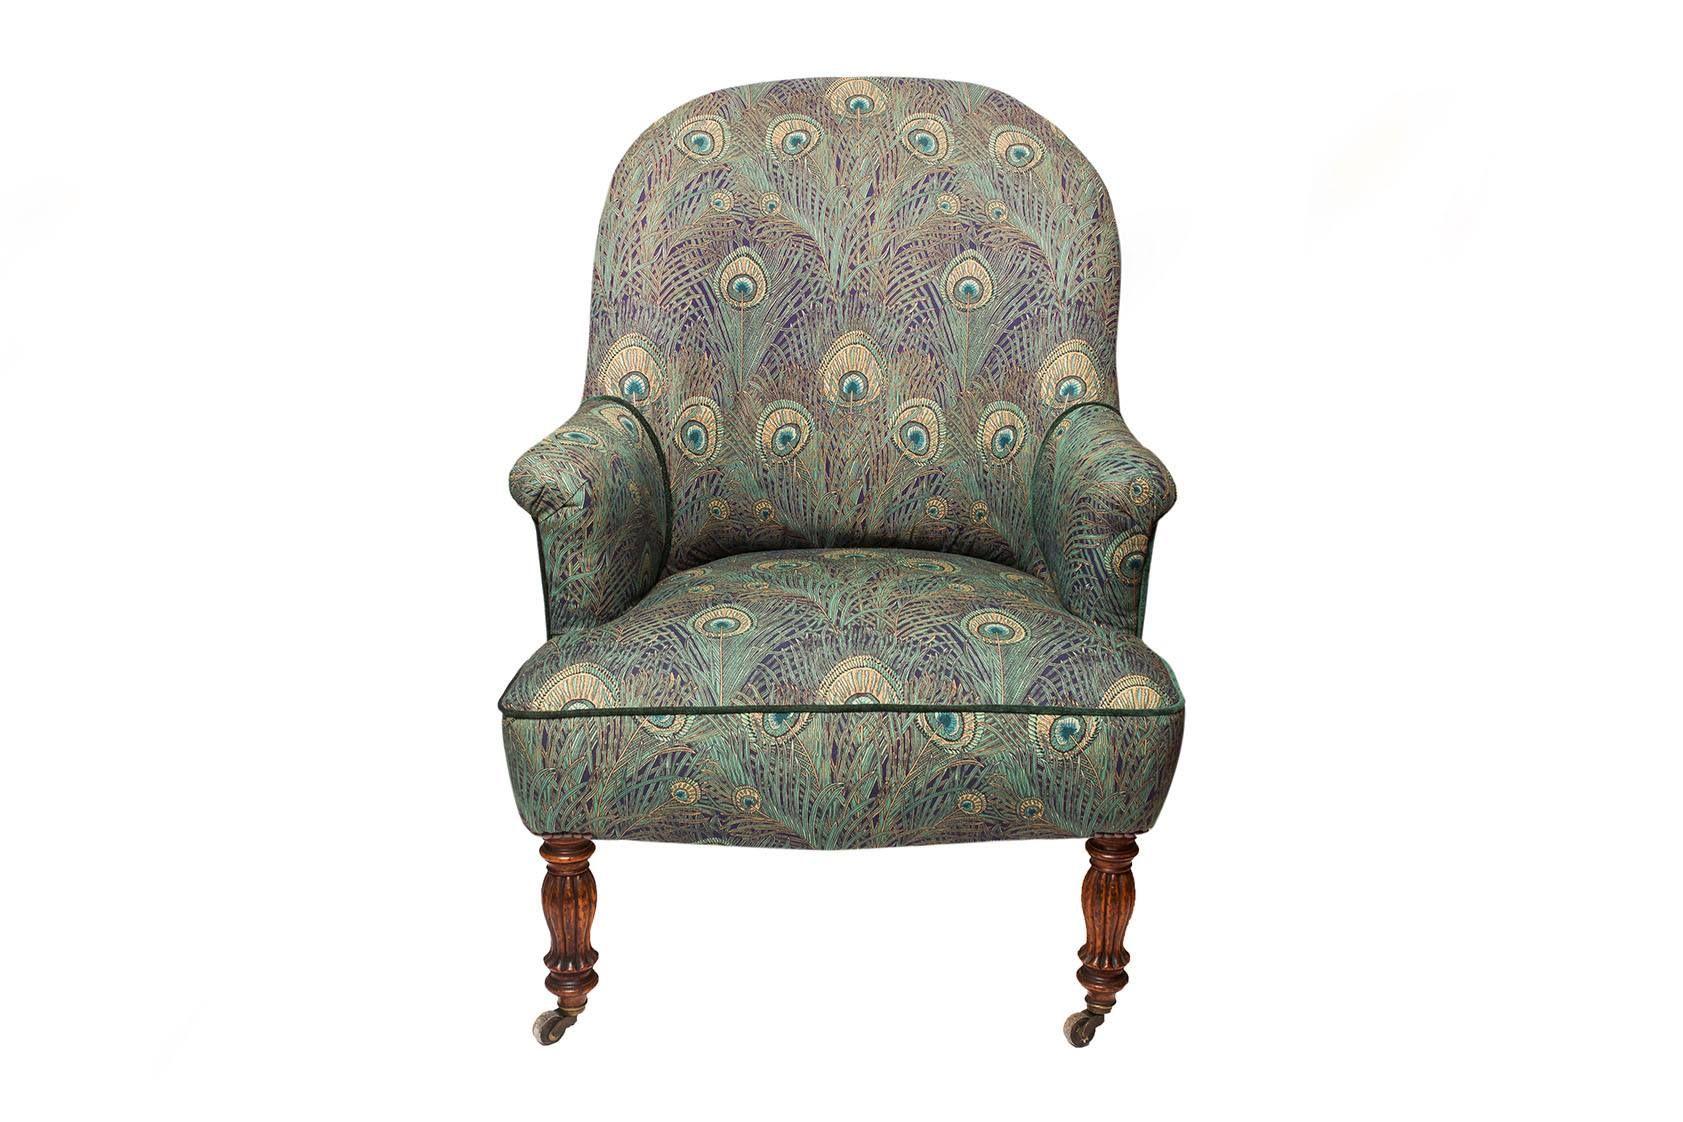 Peacock Armchair 1 0 Der Antike Sessel Wurde Liebevoll Restauriert Und Mit Hochwertigen Stoffen Im Peacock Muster Antike Sessel Englische Mobel Restaurieren